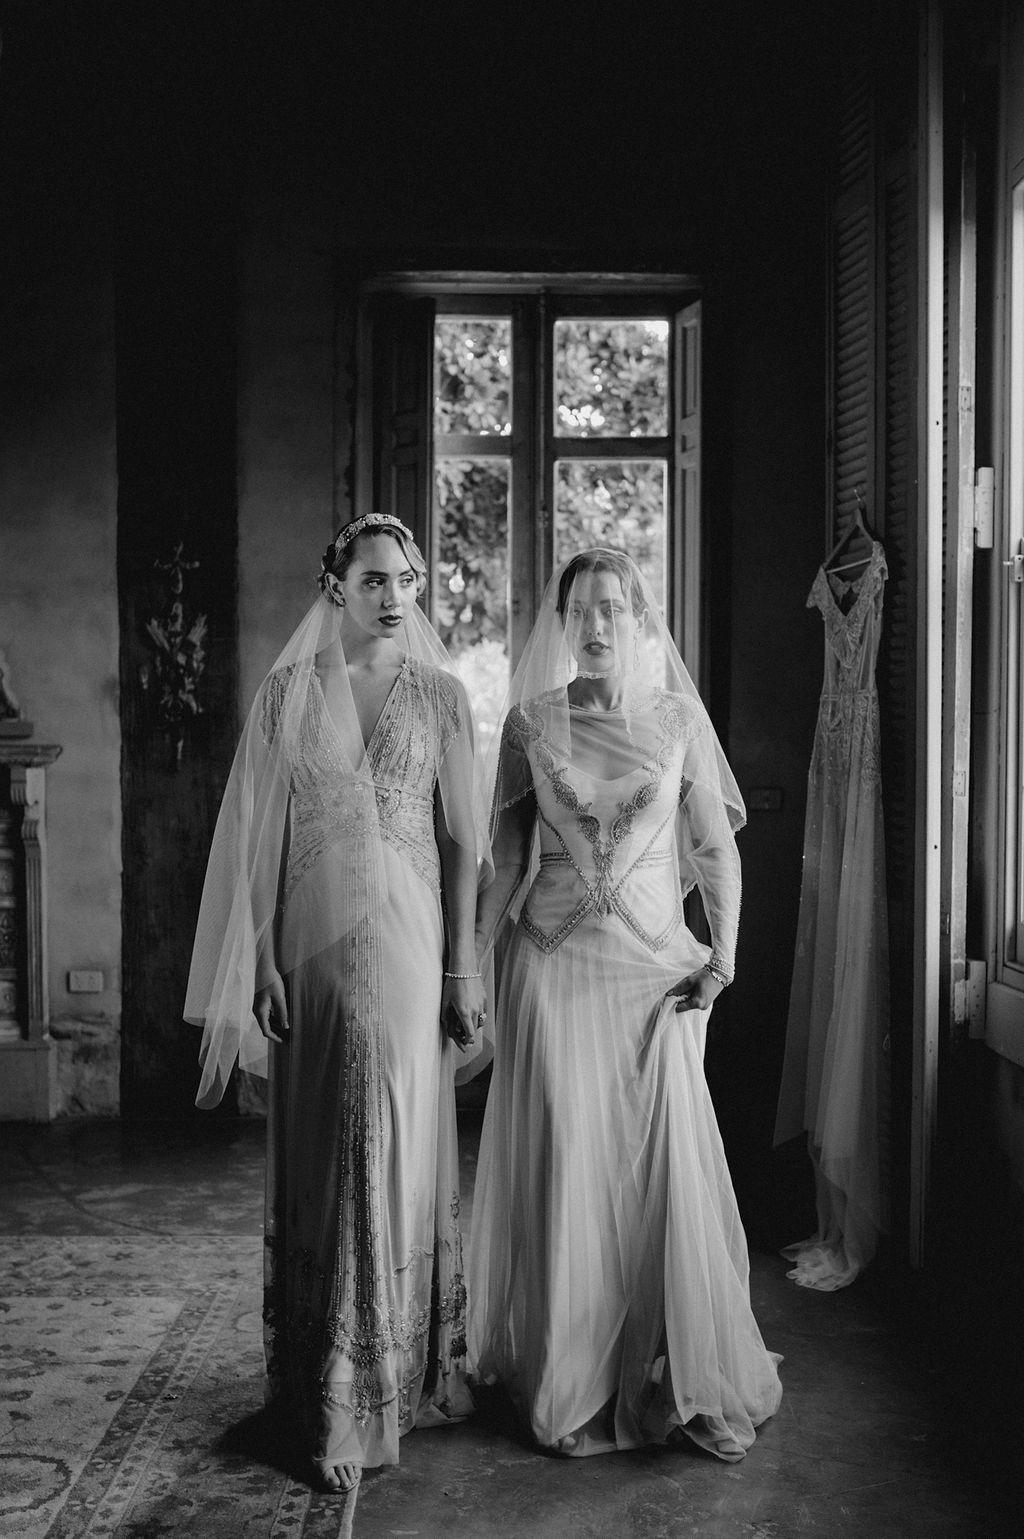 Marissa and Emma Gwendolynne Wedding Dress  _DSC9273.jpg